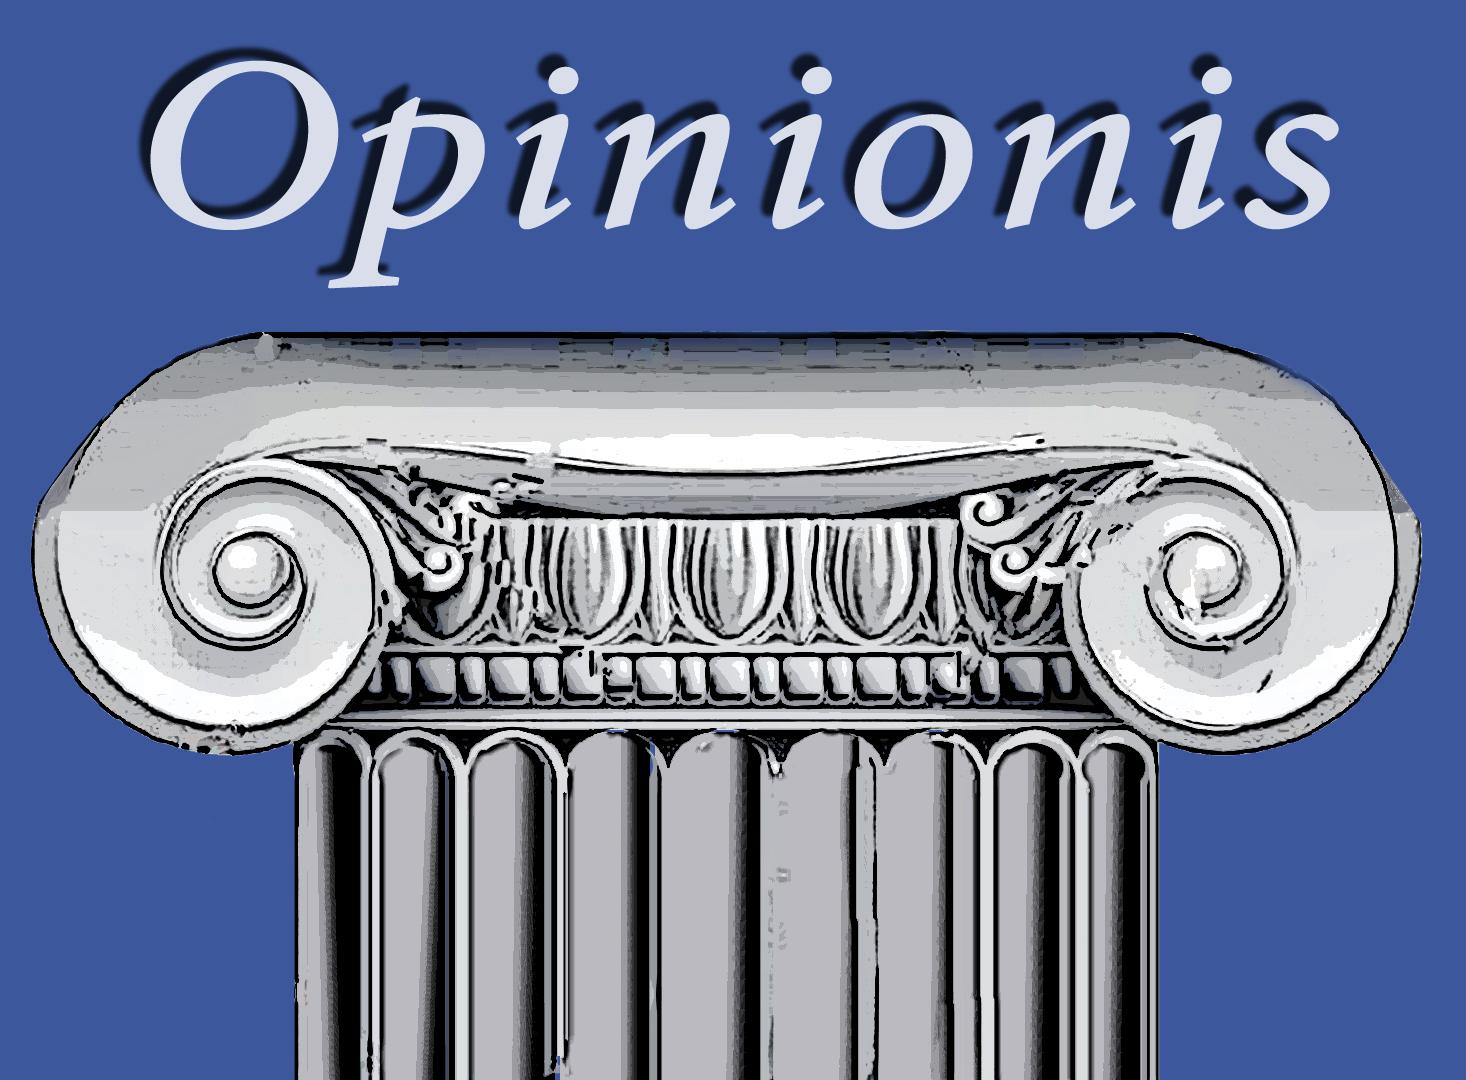 Opinionis: Del juicio político, la interpelación y el delito